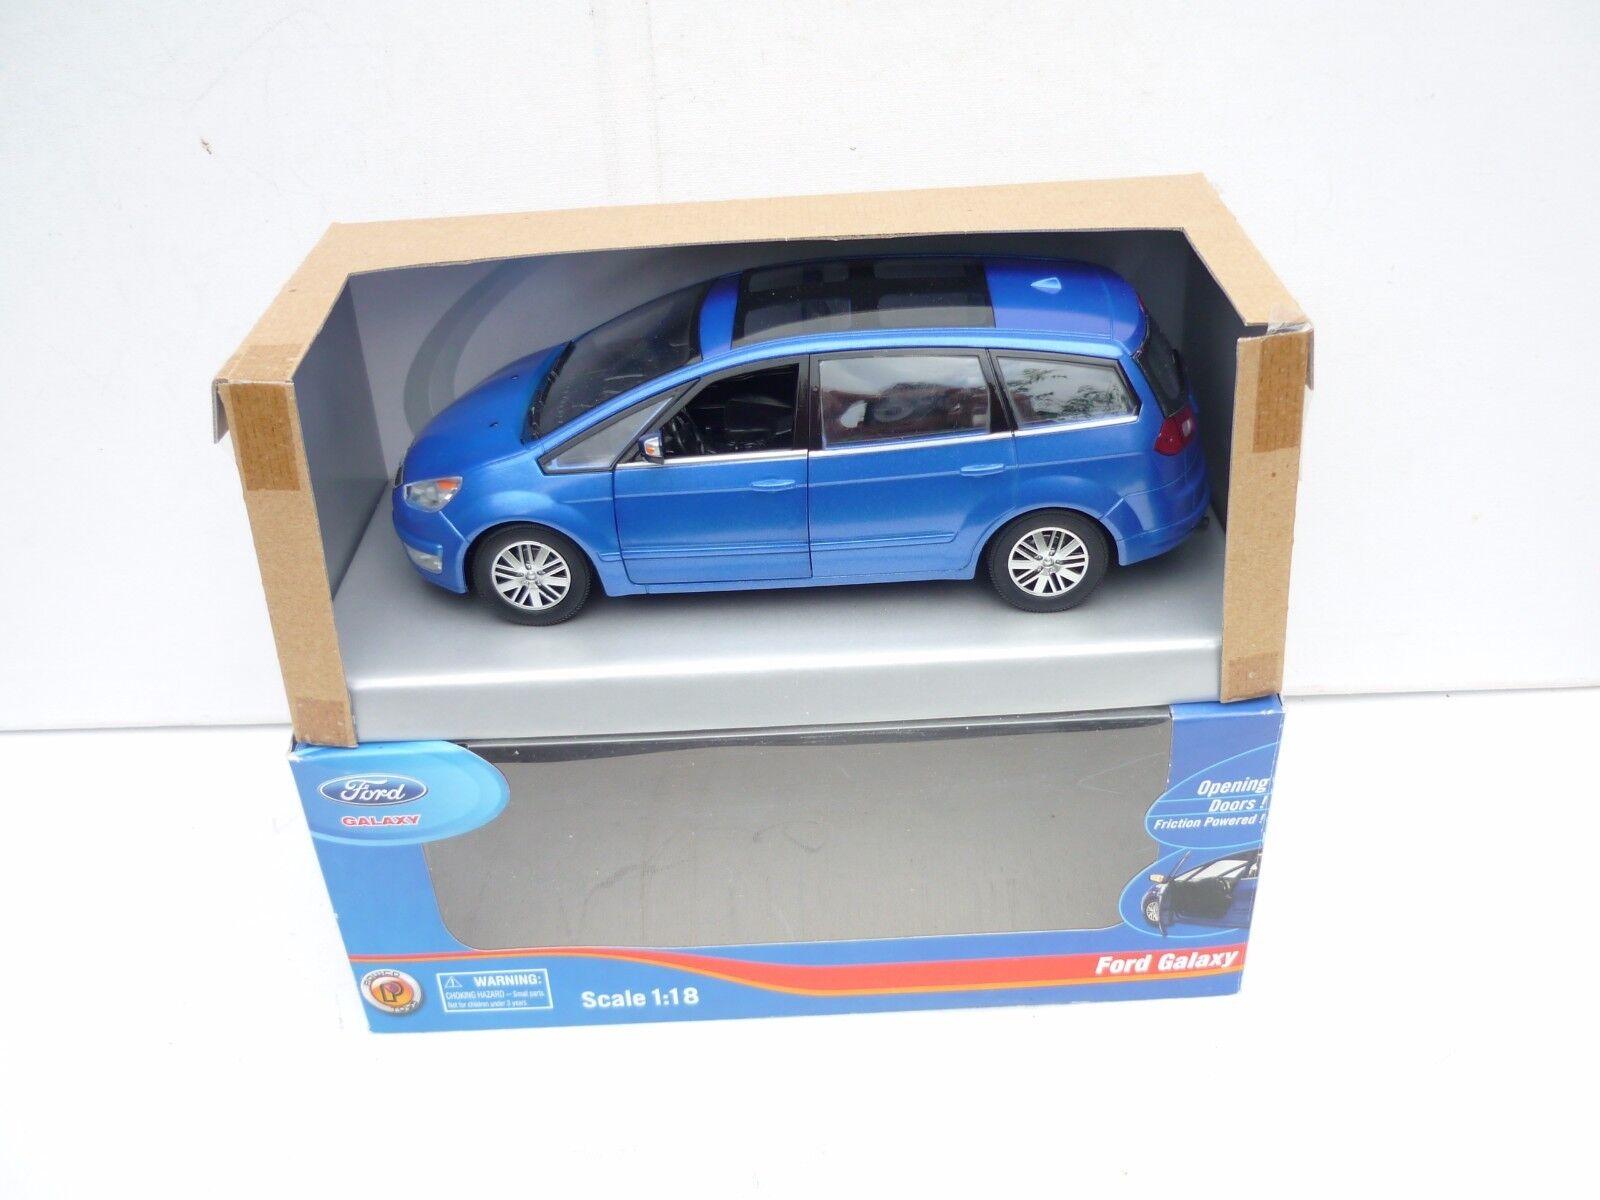 1 18 POWCO FORD GALAXY PLASTIC MODELLE DEALER BOX RARE SELTEN M BOX